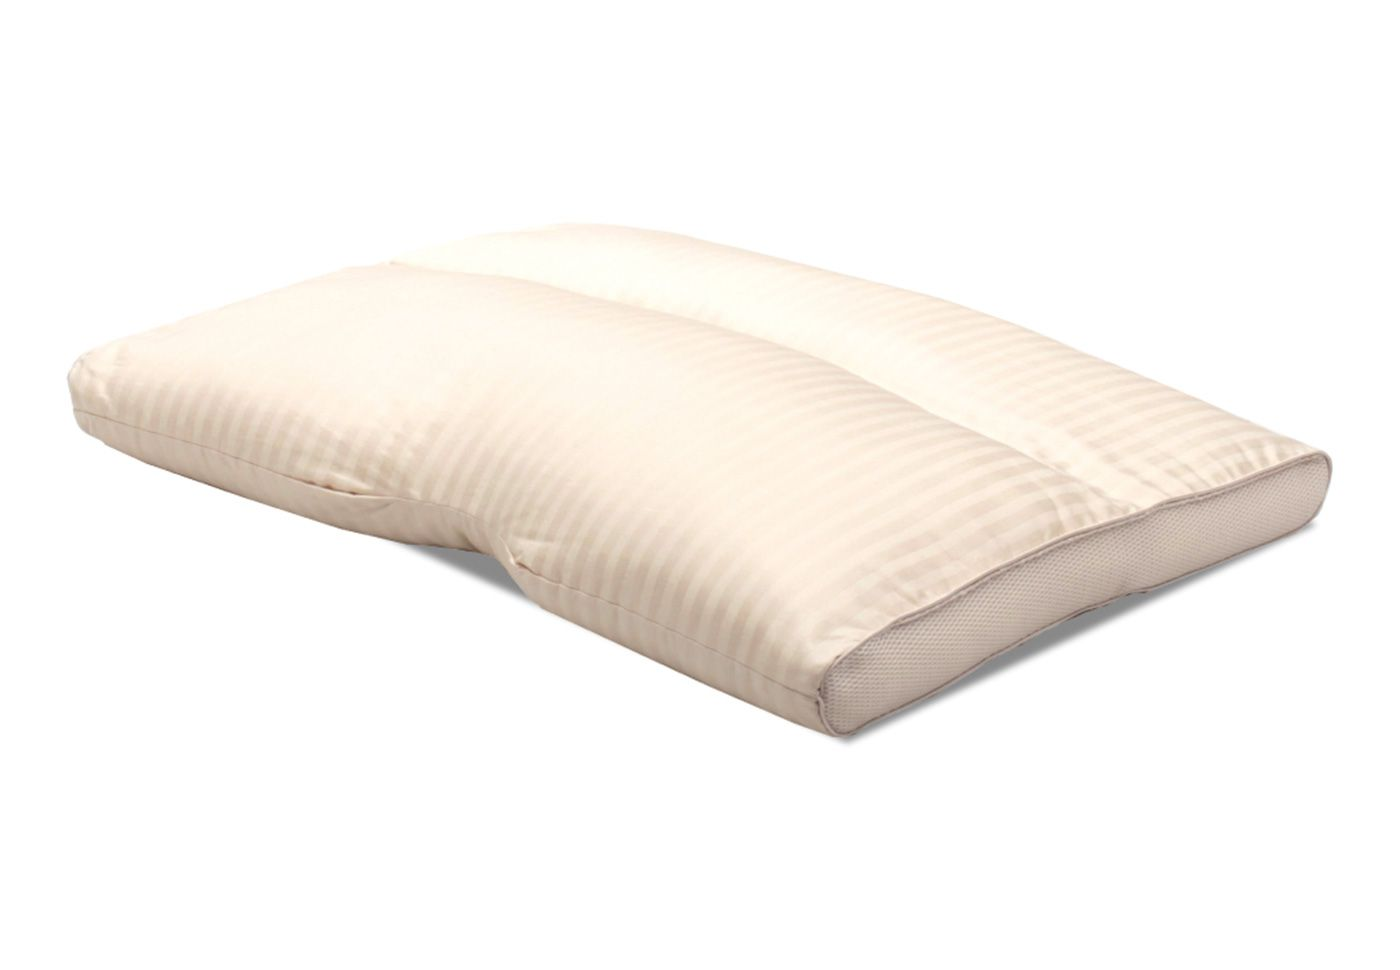 シーリーベッド ソロテックスピロー40 60 オススメ まくら マクラ 枕 使いやすいふわふわ感 寝具 ウォッシャブル 洗える 安眠枕 快眠枕 送料無料